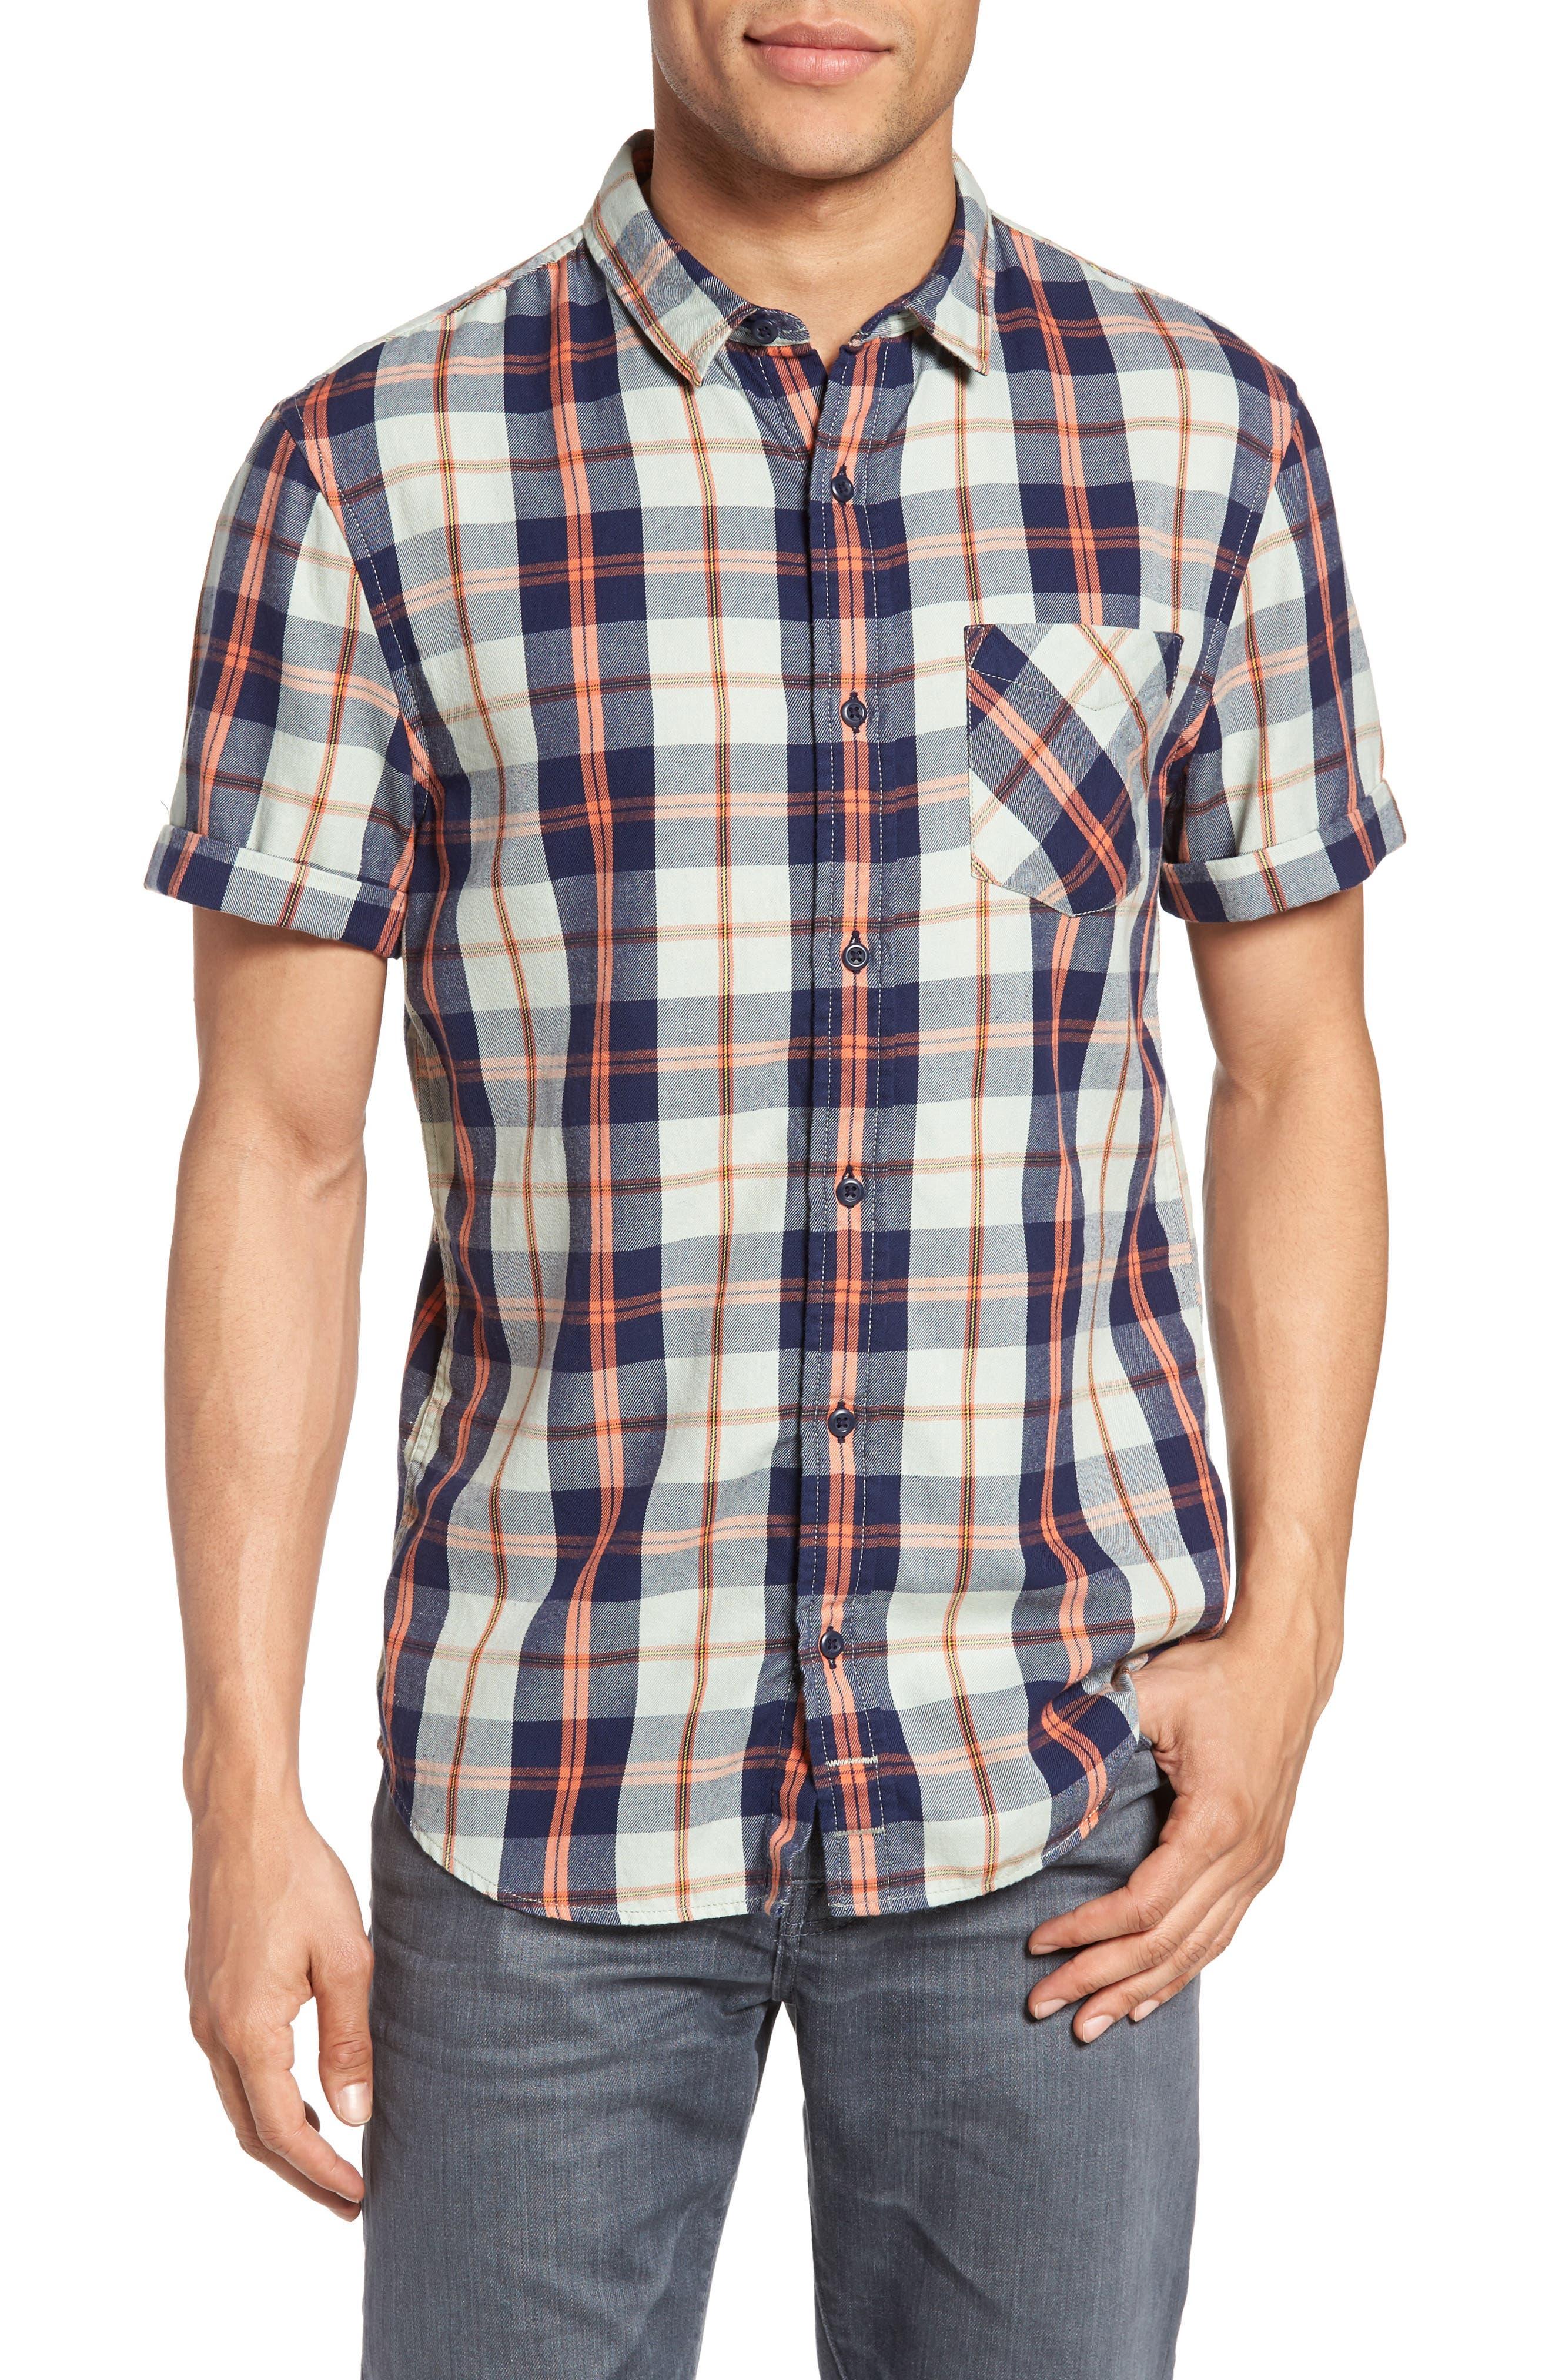 1901 Flannel Plaid Shirt